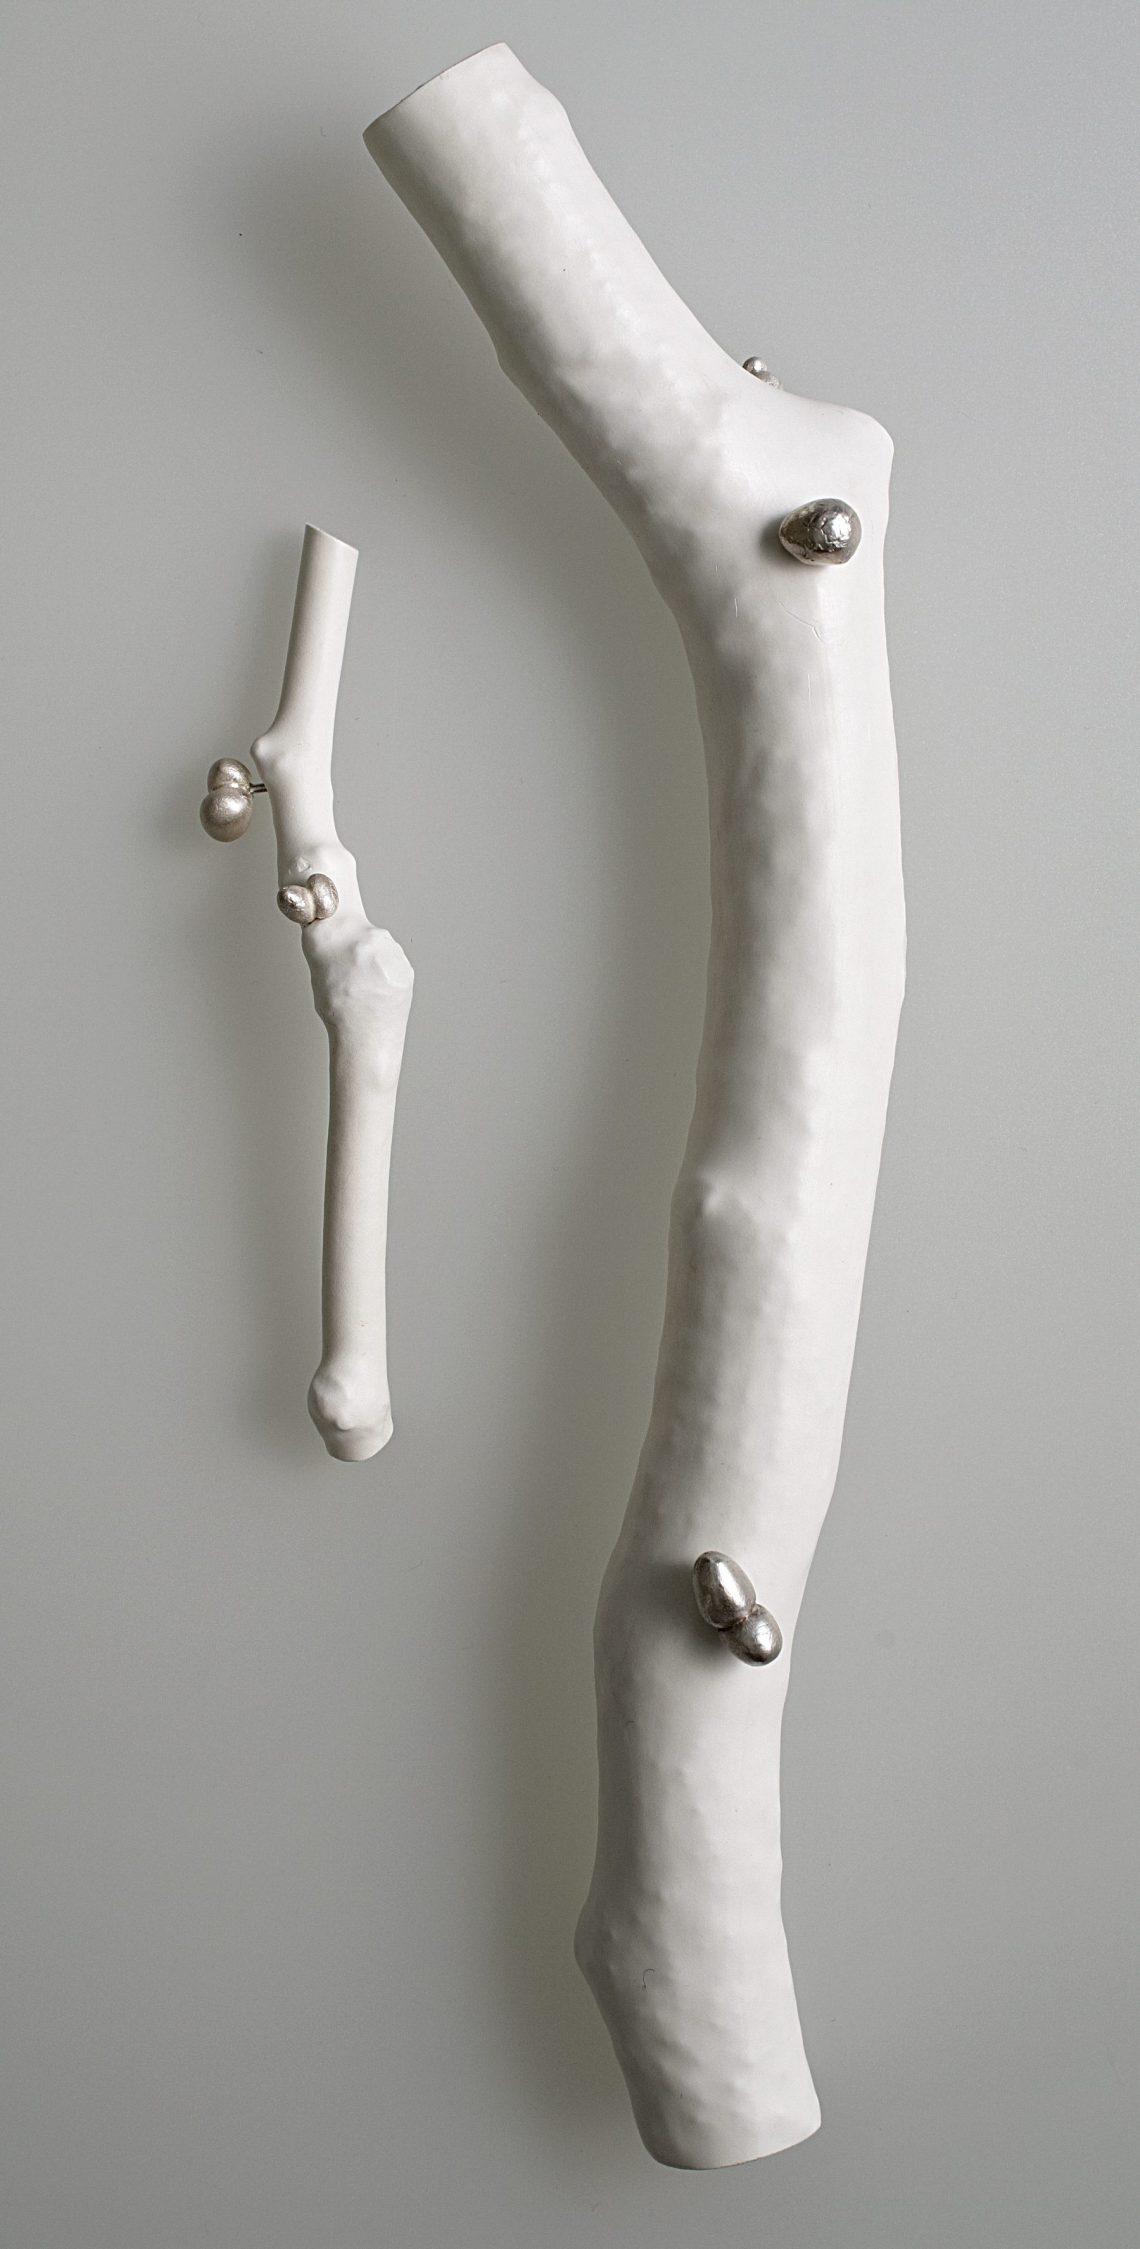 Susanne Klemm, Frozen, Wrapped, broches, 2007. Foto met dank aan Susanne Klemm©